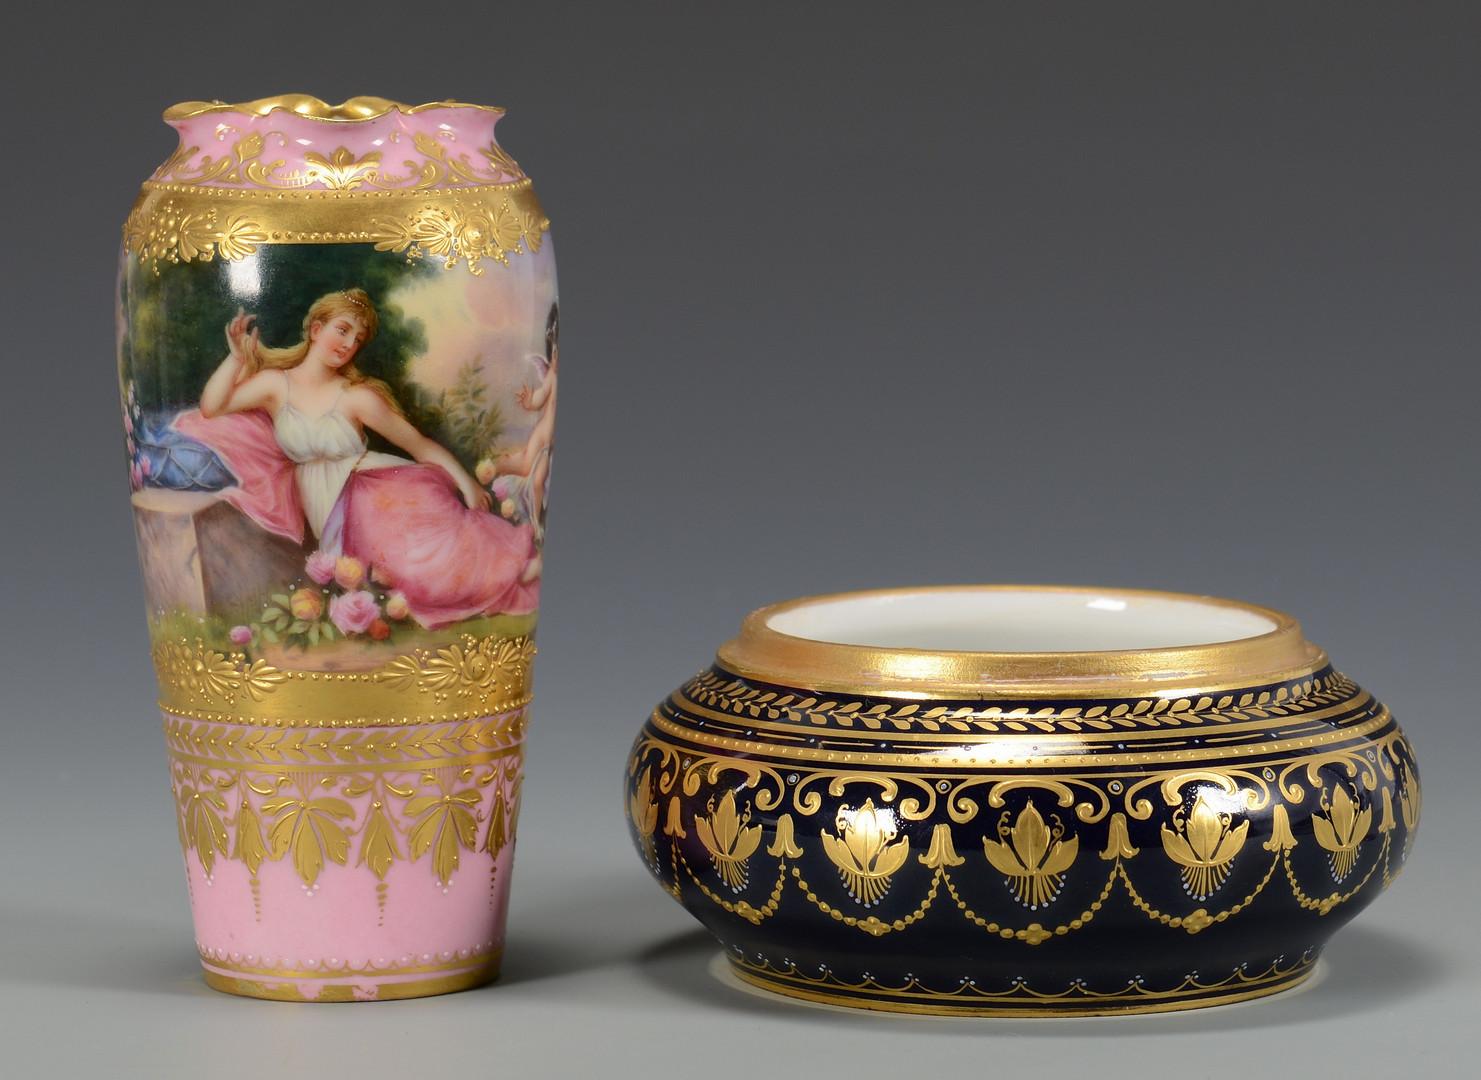 Lot 329: 4 pcs. Dresden Porcelain